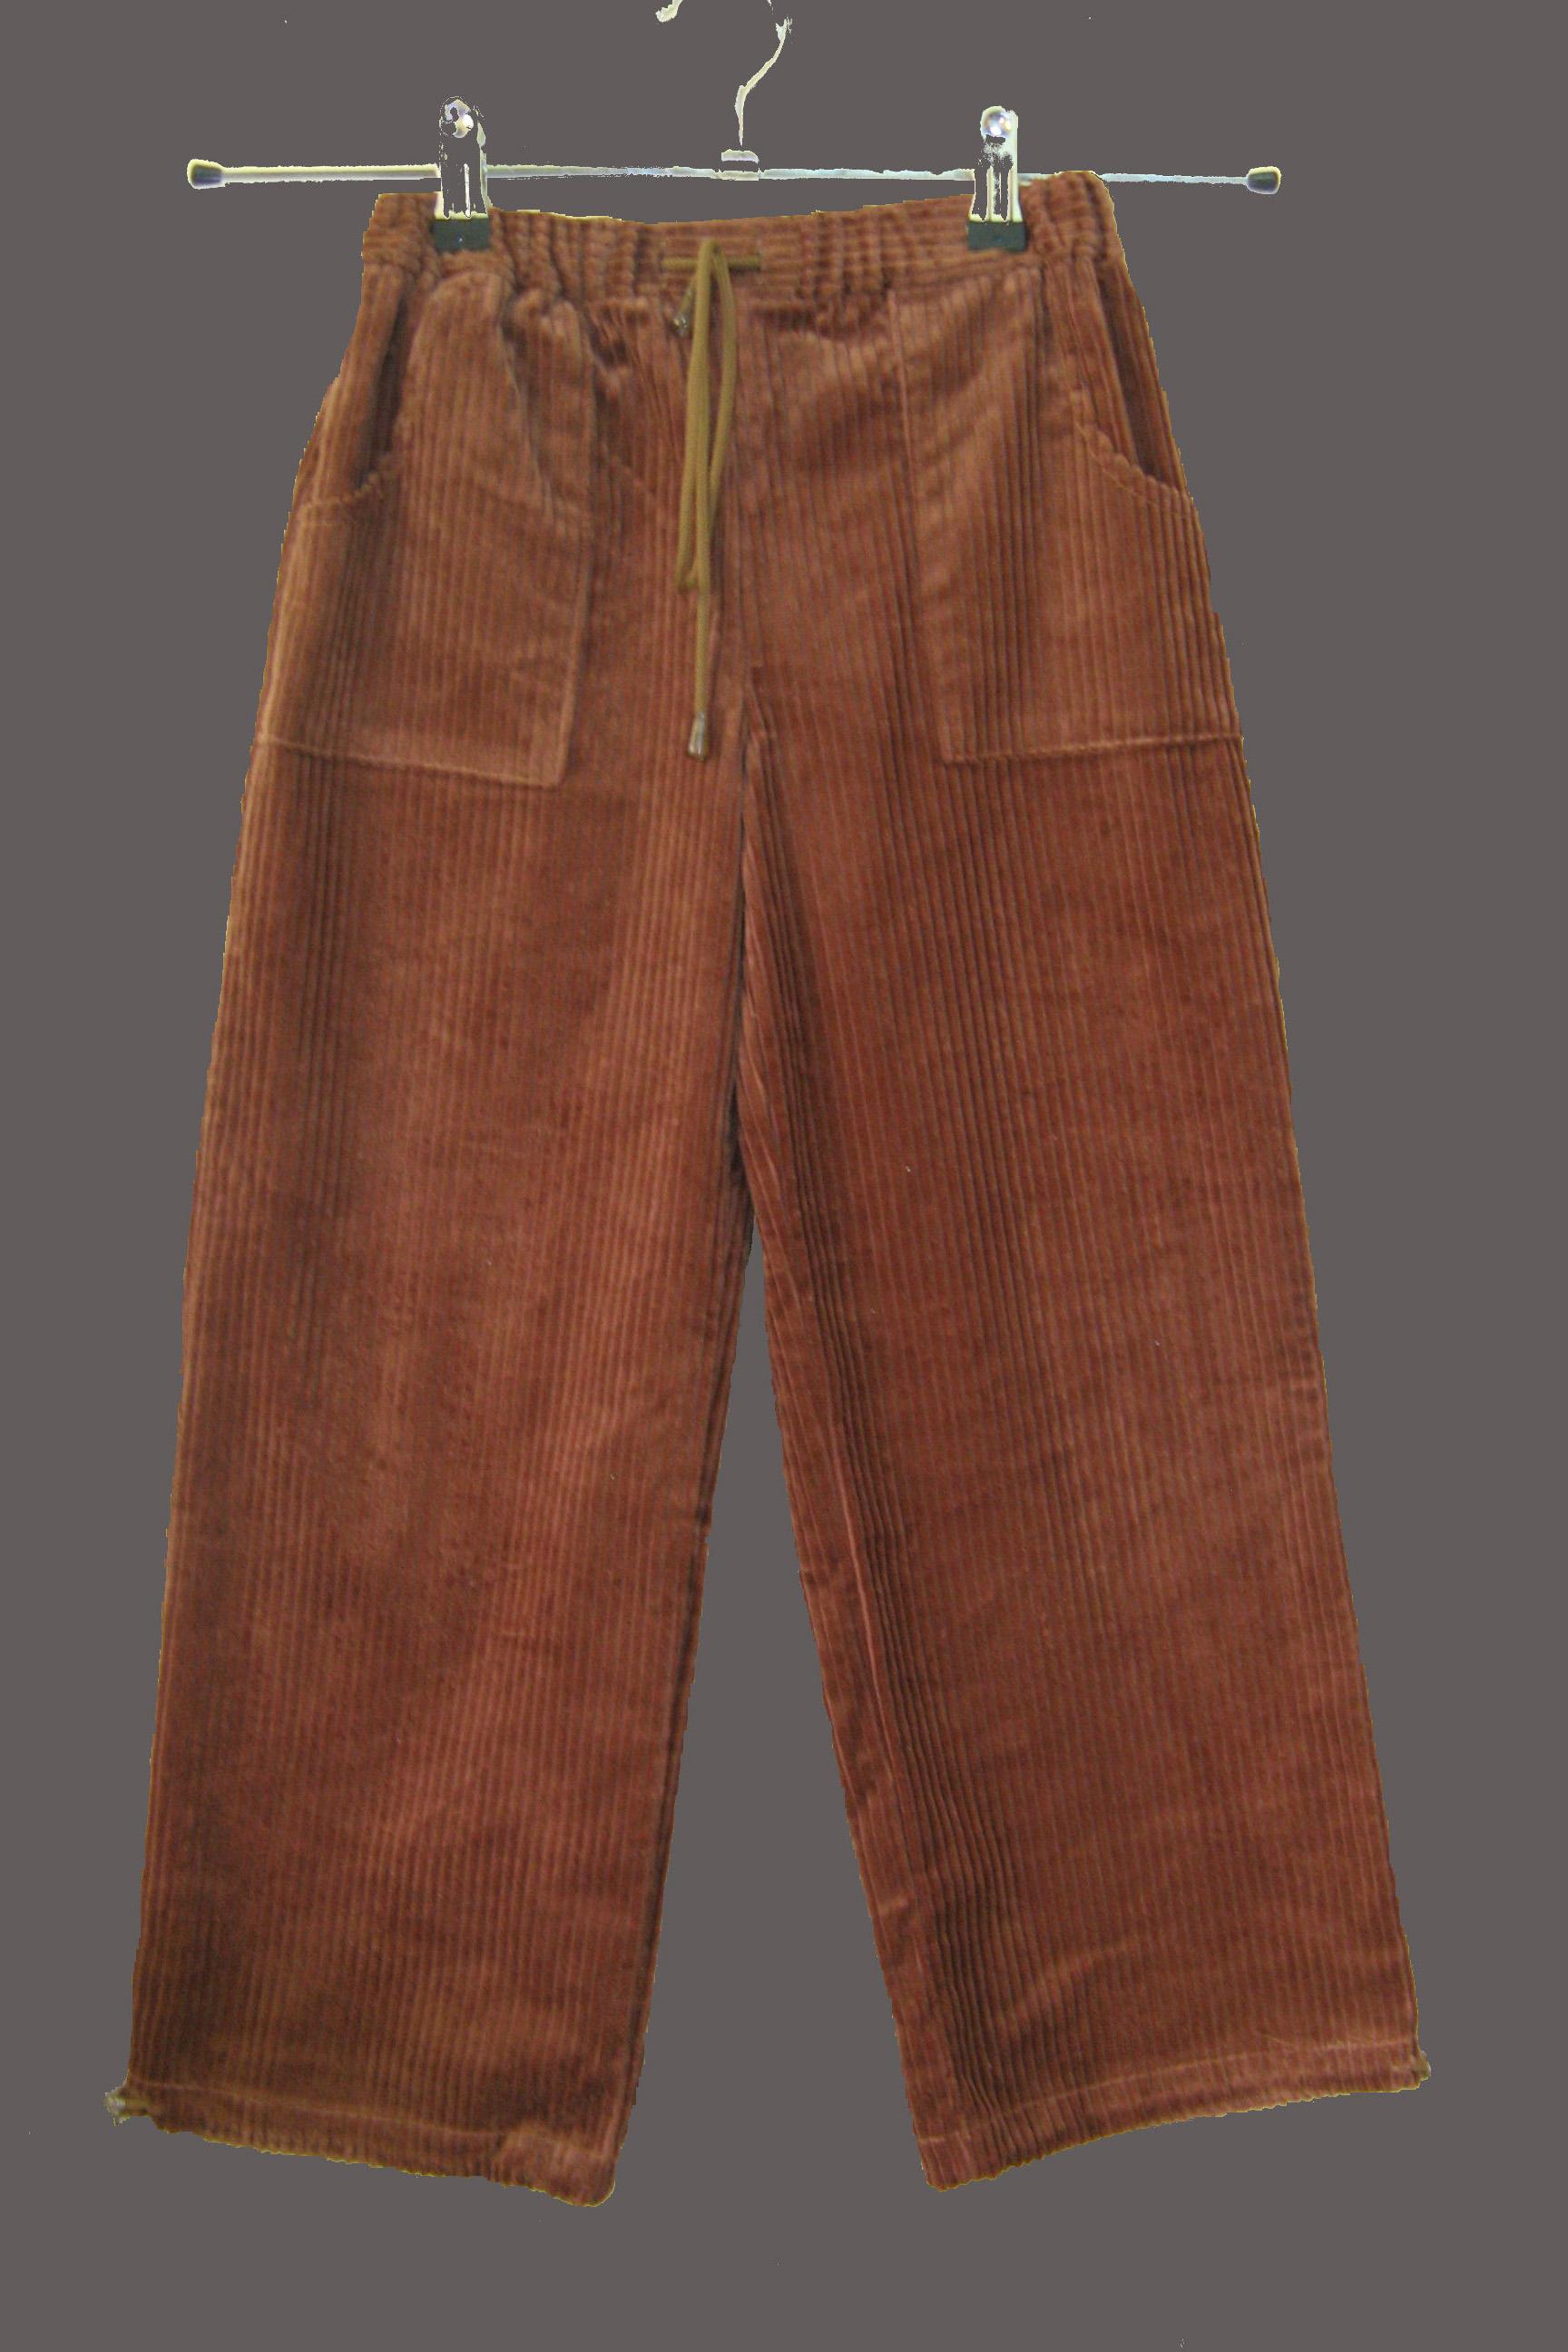 БрюкиБрюки<br>Теплые брюки для девочки. Низ брюк собирается на резинку.  Цвет: коричневый  Размер 122 соответствует росту 117-122 см<br><br>По возрасту: Дошкольные ( от 3 до 7 лет)<br>По длине: Удлинненые<br>По материалу: Утепленные,Хлопковые<br>По образу: Повседневные<br>По рисунку: Однотонные<br>По сезону: Весна,Осень<br>По силуэту: Свободные<br>По элементам: На резинке,С карманами<br>Размер : 122<br>Материал: Велюр<br>Количество в наличии: 4